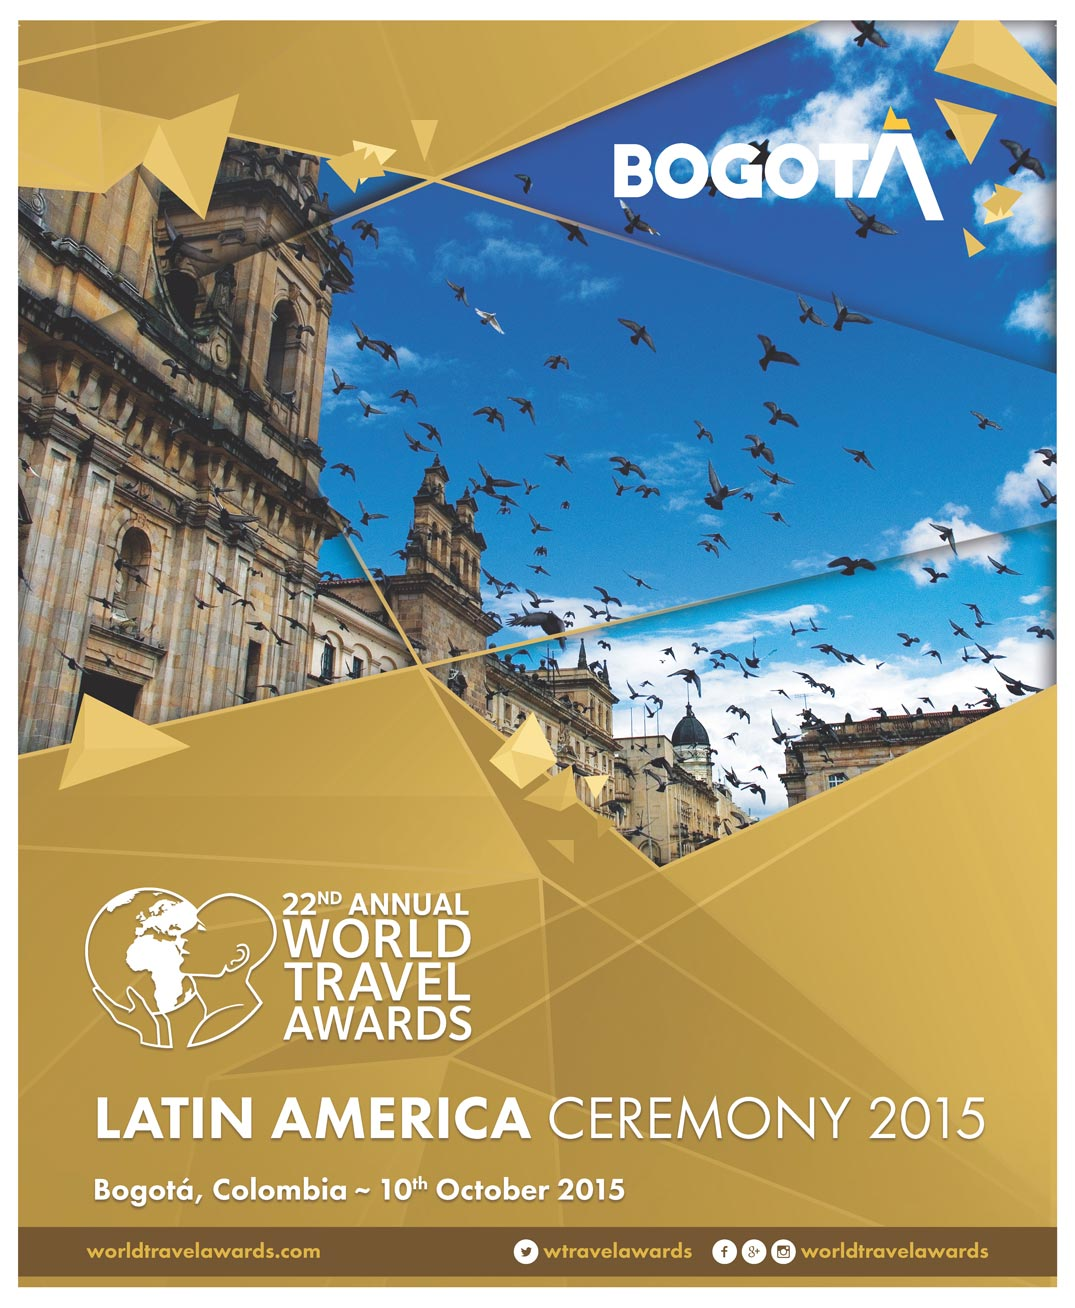 World Travel Awards 2015